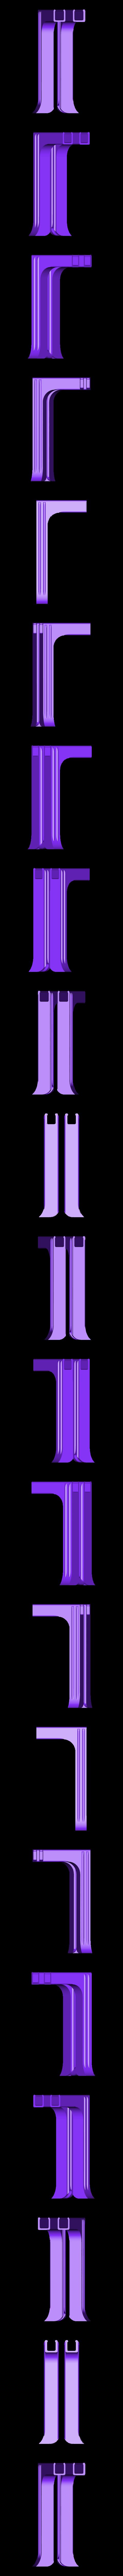 rigidbot_spool_towers-BOTH.stl Download free STL file RigidBot Filament Spool Holder • 3D printer template, FrankLumien